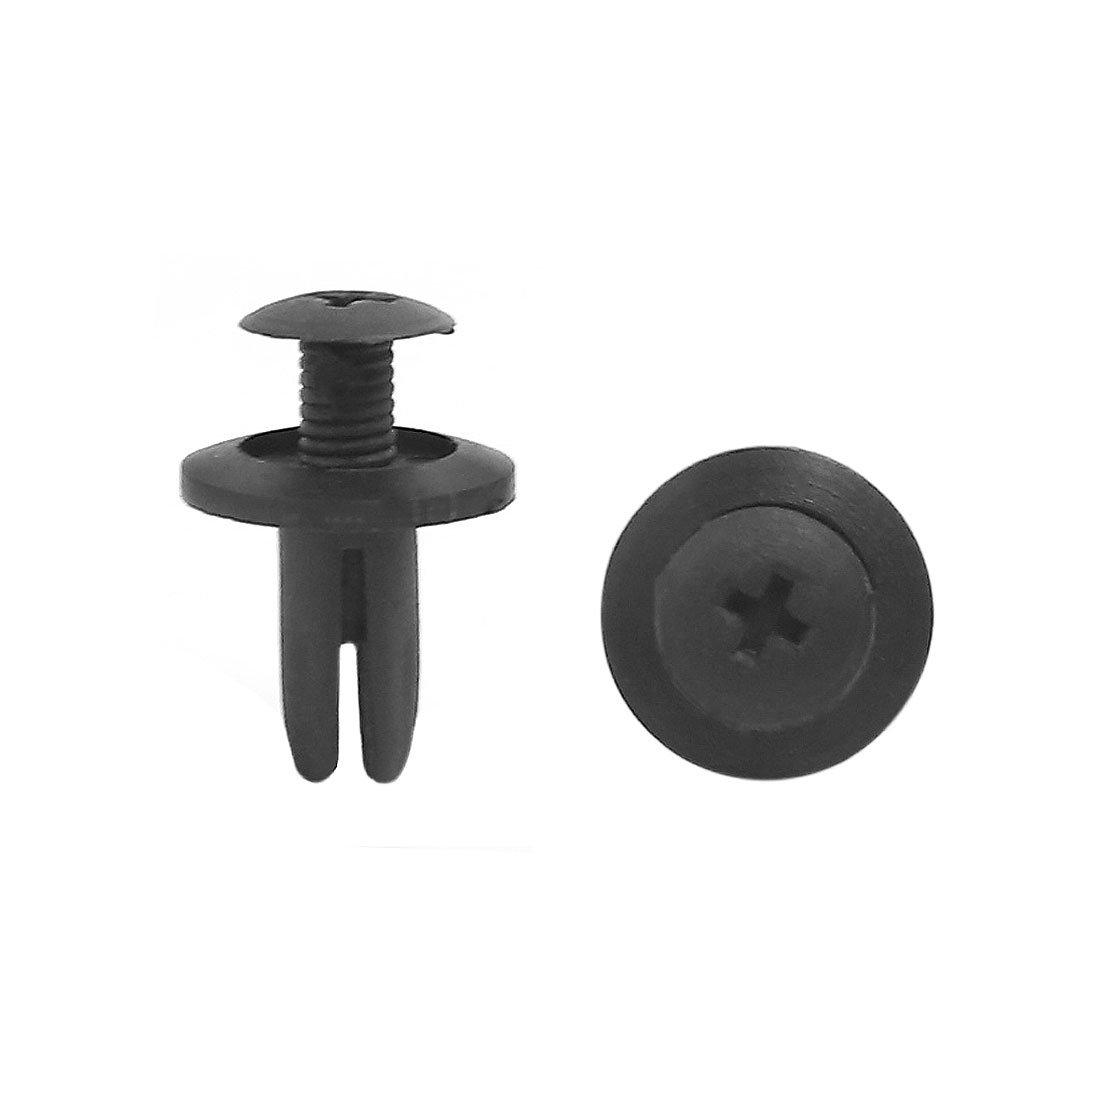 sourcing map 10pcs noire garniture de porte Clips 6mm poussoir en plastique trou Rivets a16072700ux0180